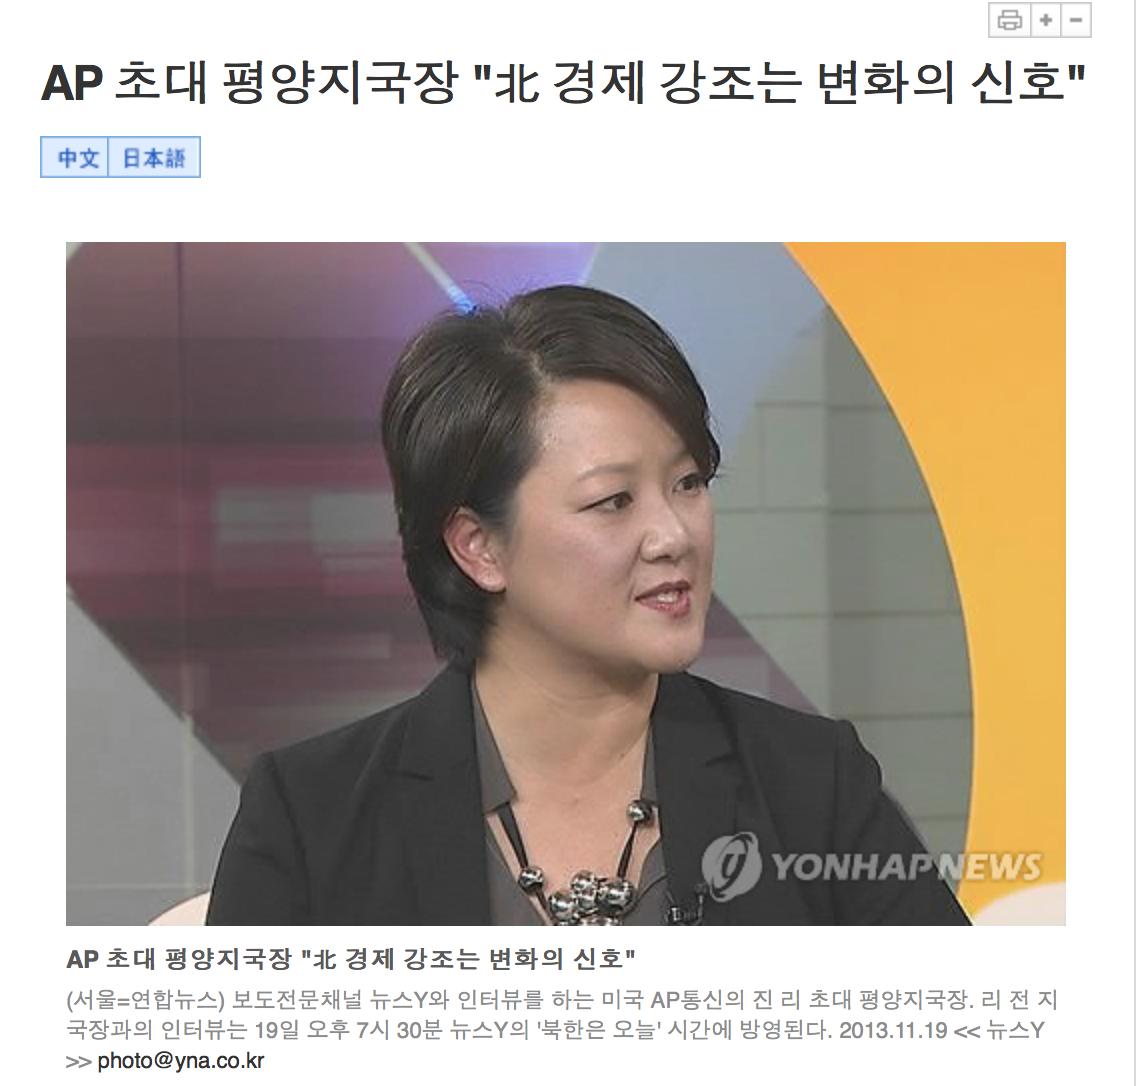 Yonhap News AP 초대 평양지국장 .png